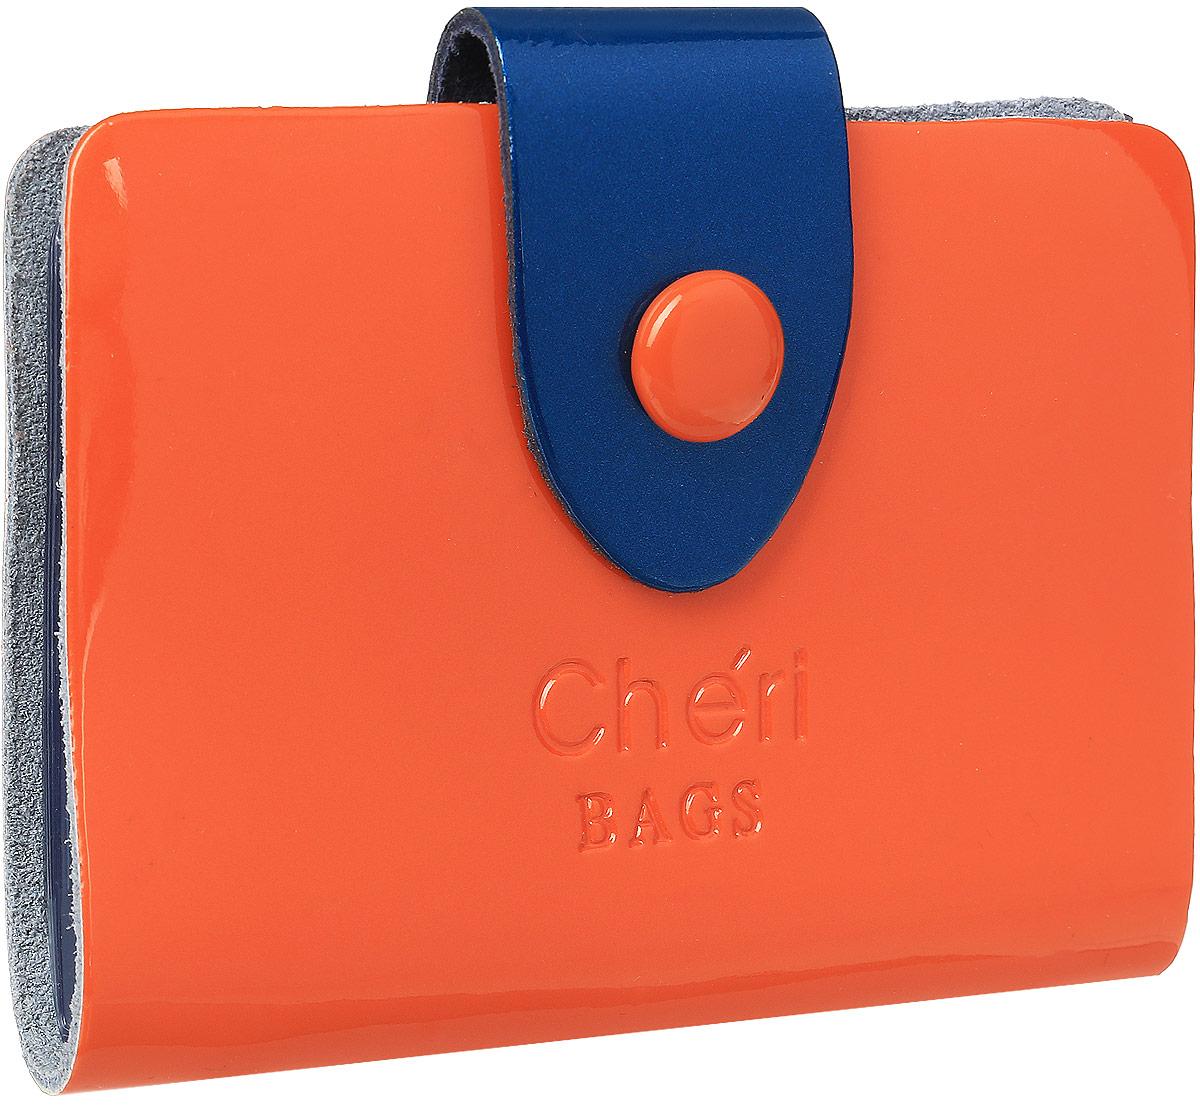 Визитница женская Cheribags, цвет: оранжевый. V-0499-22INT-06501Визитница Cheribags выполнена из натуральной кожи зернистой текстуры и оформлена тисненой надписью с названием бренда. Внутри расположен блок с 26 файлами для визитных и дисконтных карт. Изделие застегивается хлястиком на кнопку.